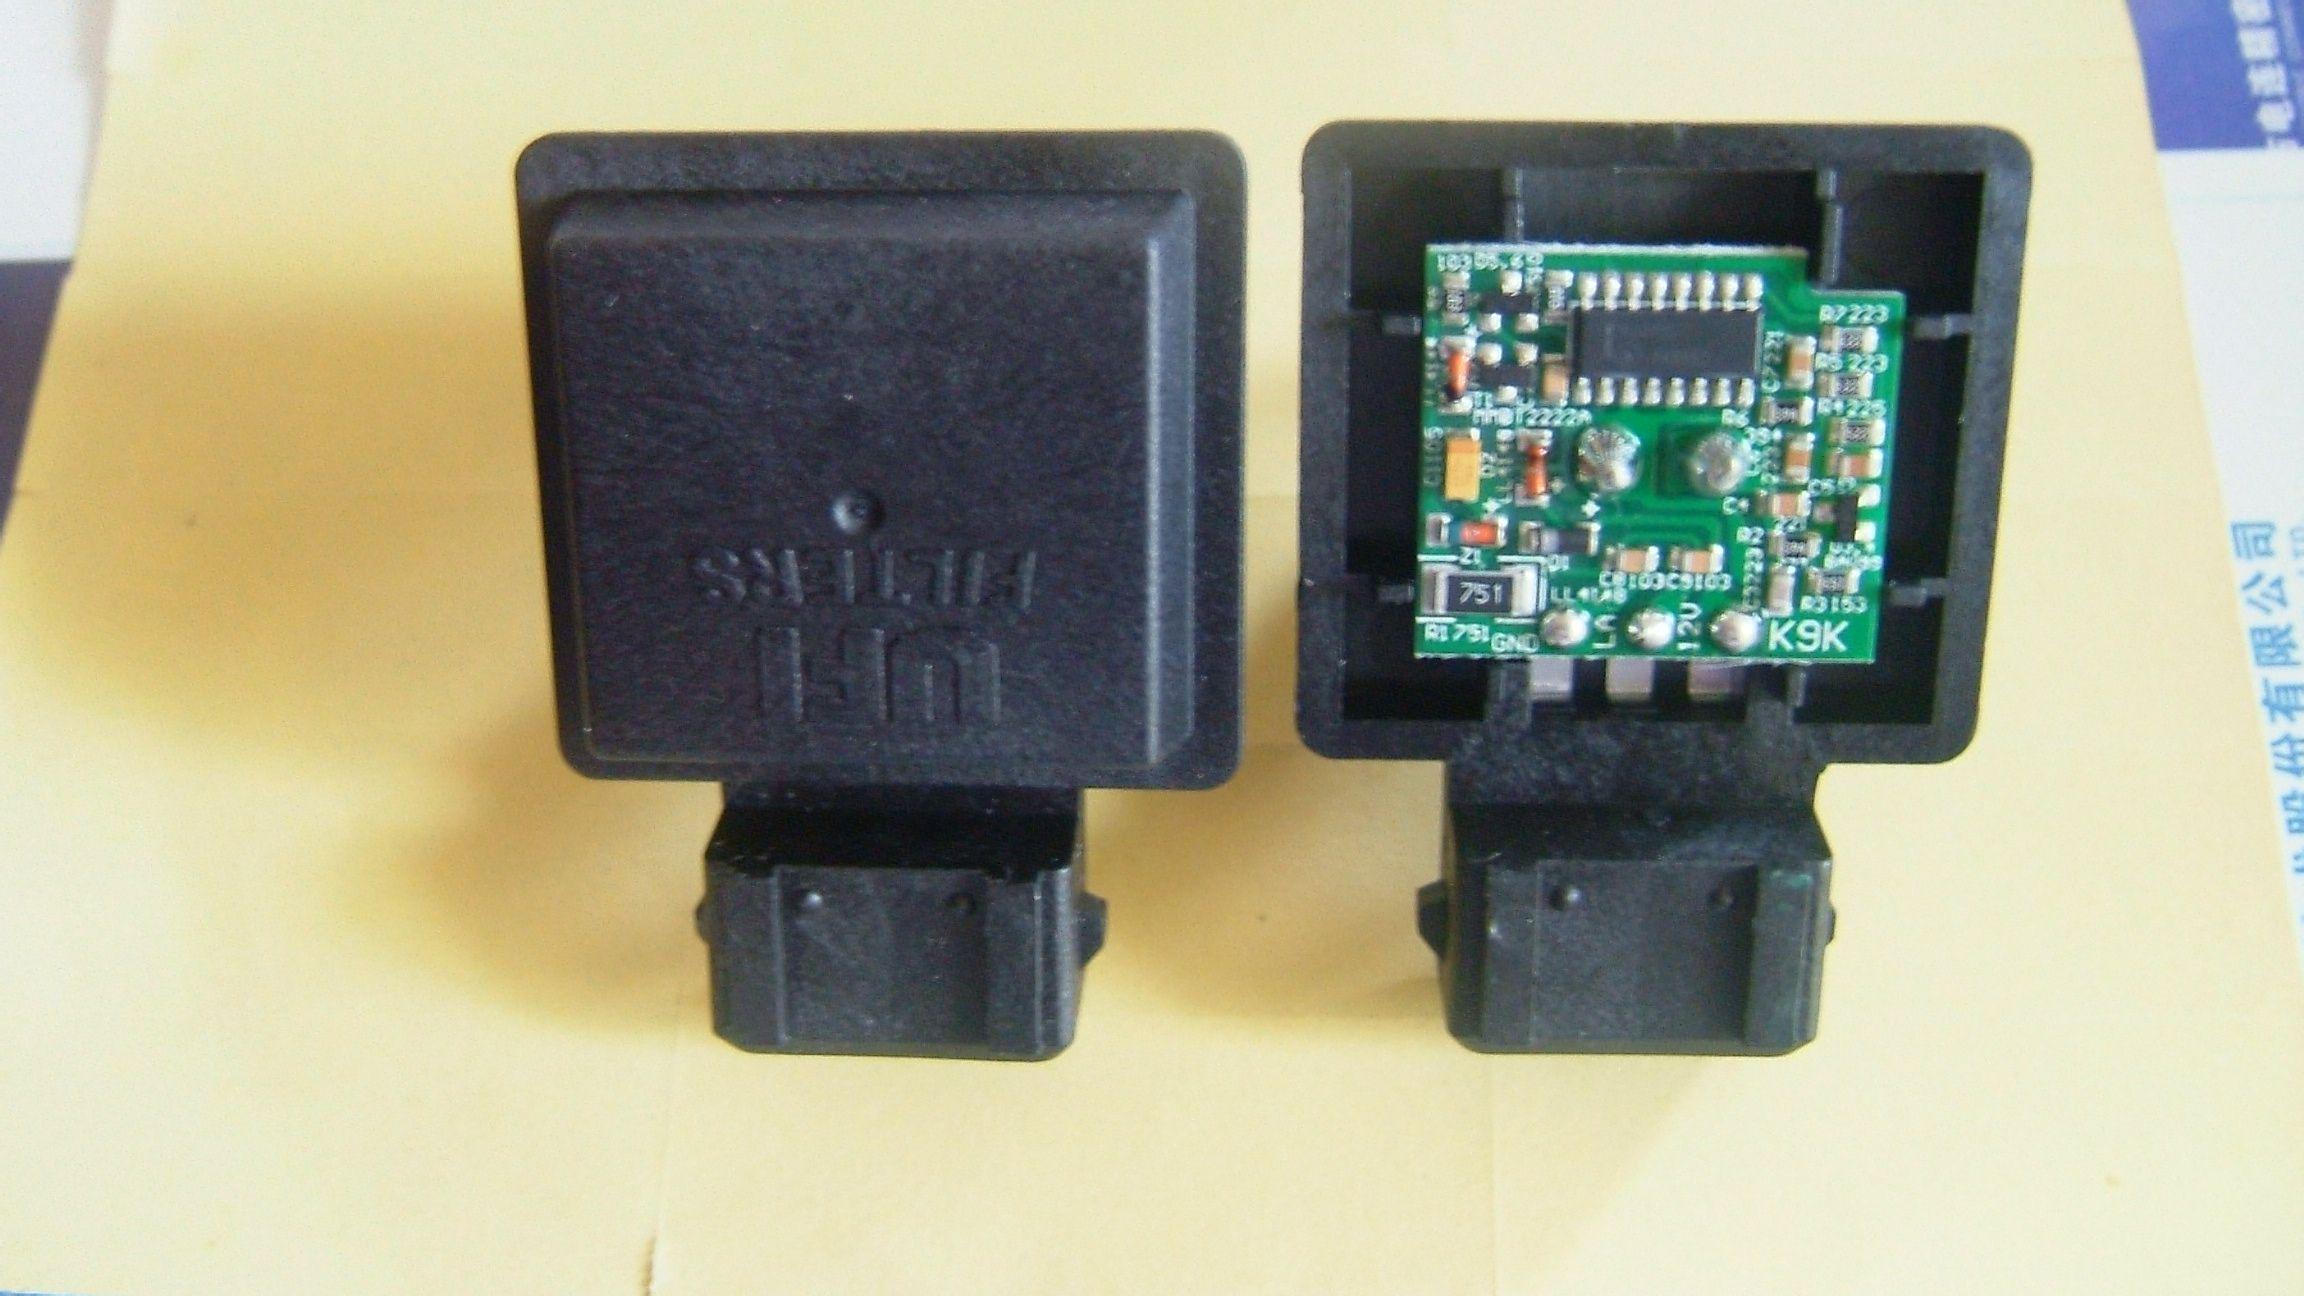 样式像这个油门踏板传感器的图片,也是线路板高清图片